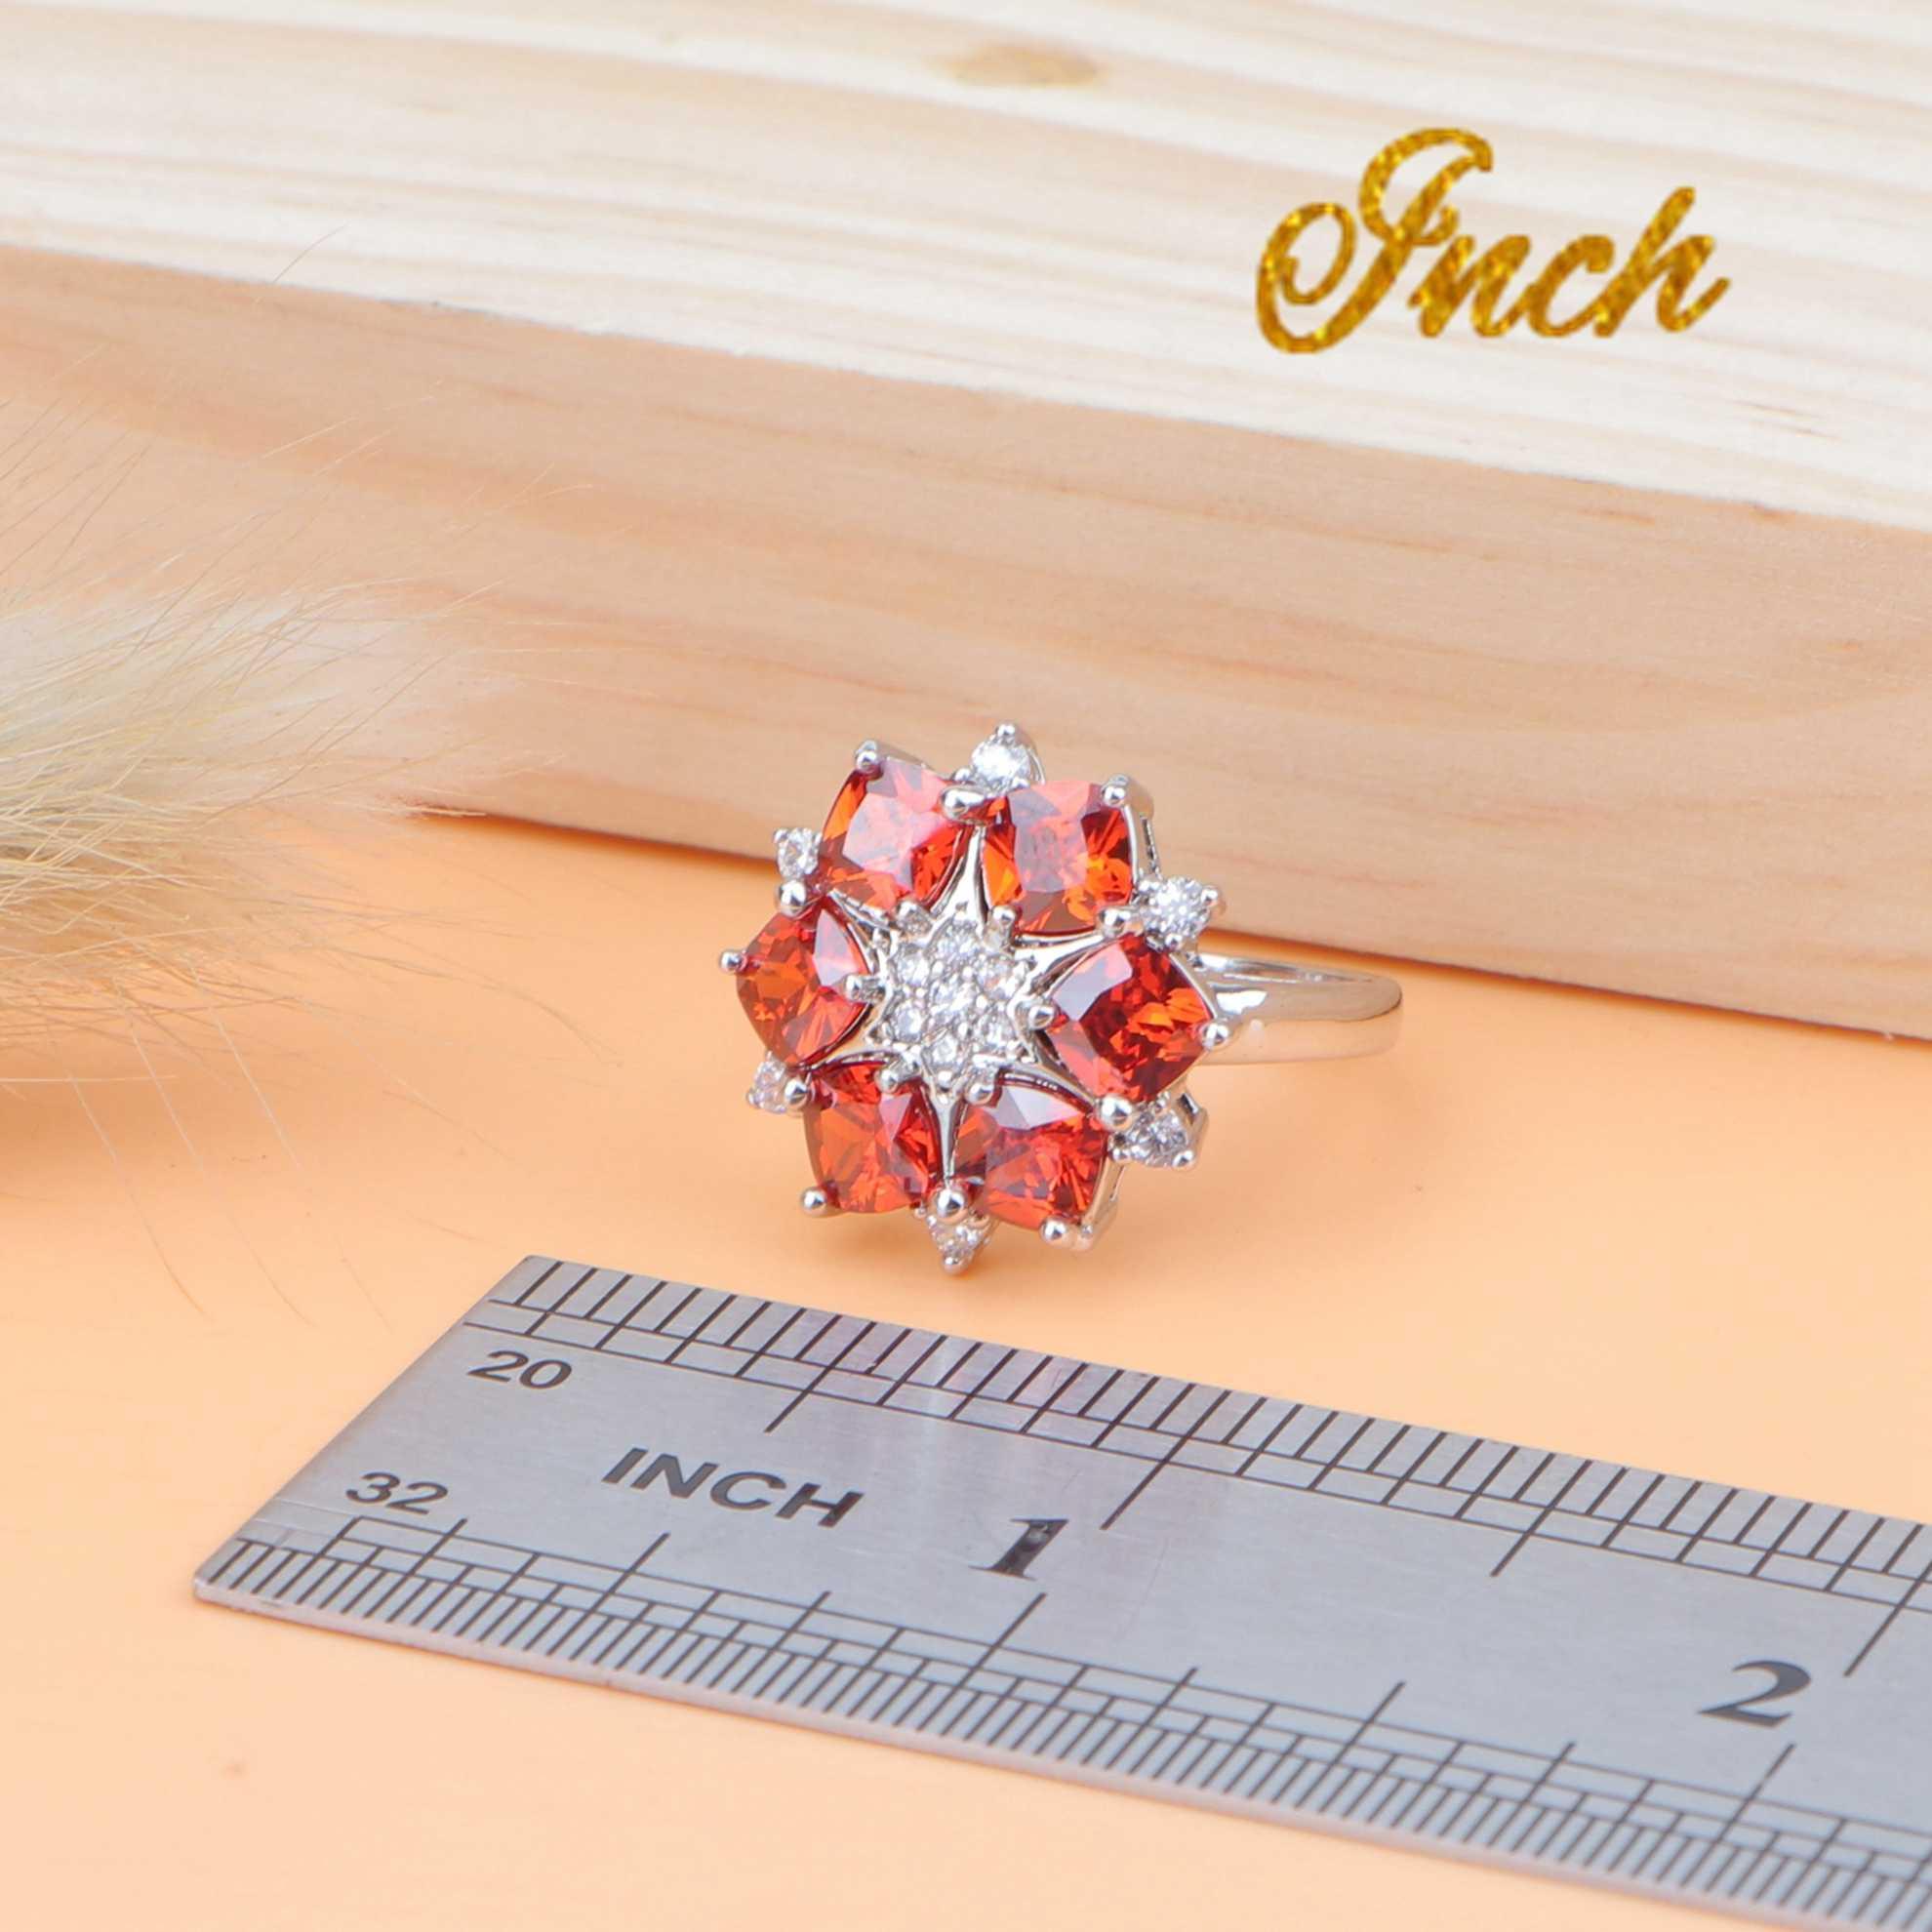 Silber 925 Braut Schmuck Setzt Steine Ohrringe Für Frauen Hochzeit Zirkonia Schmuck Ring Anhänger Halskette Kostüm Set Geschenk Box